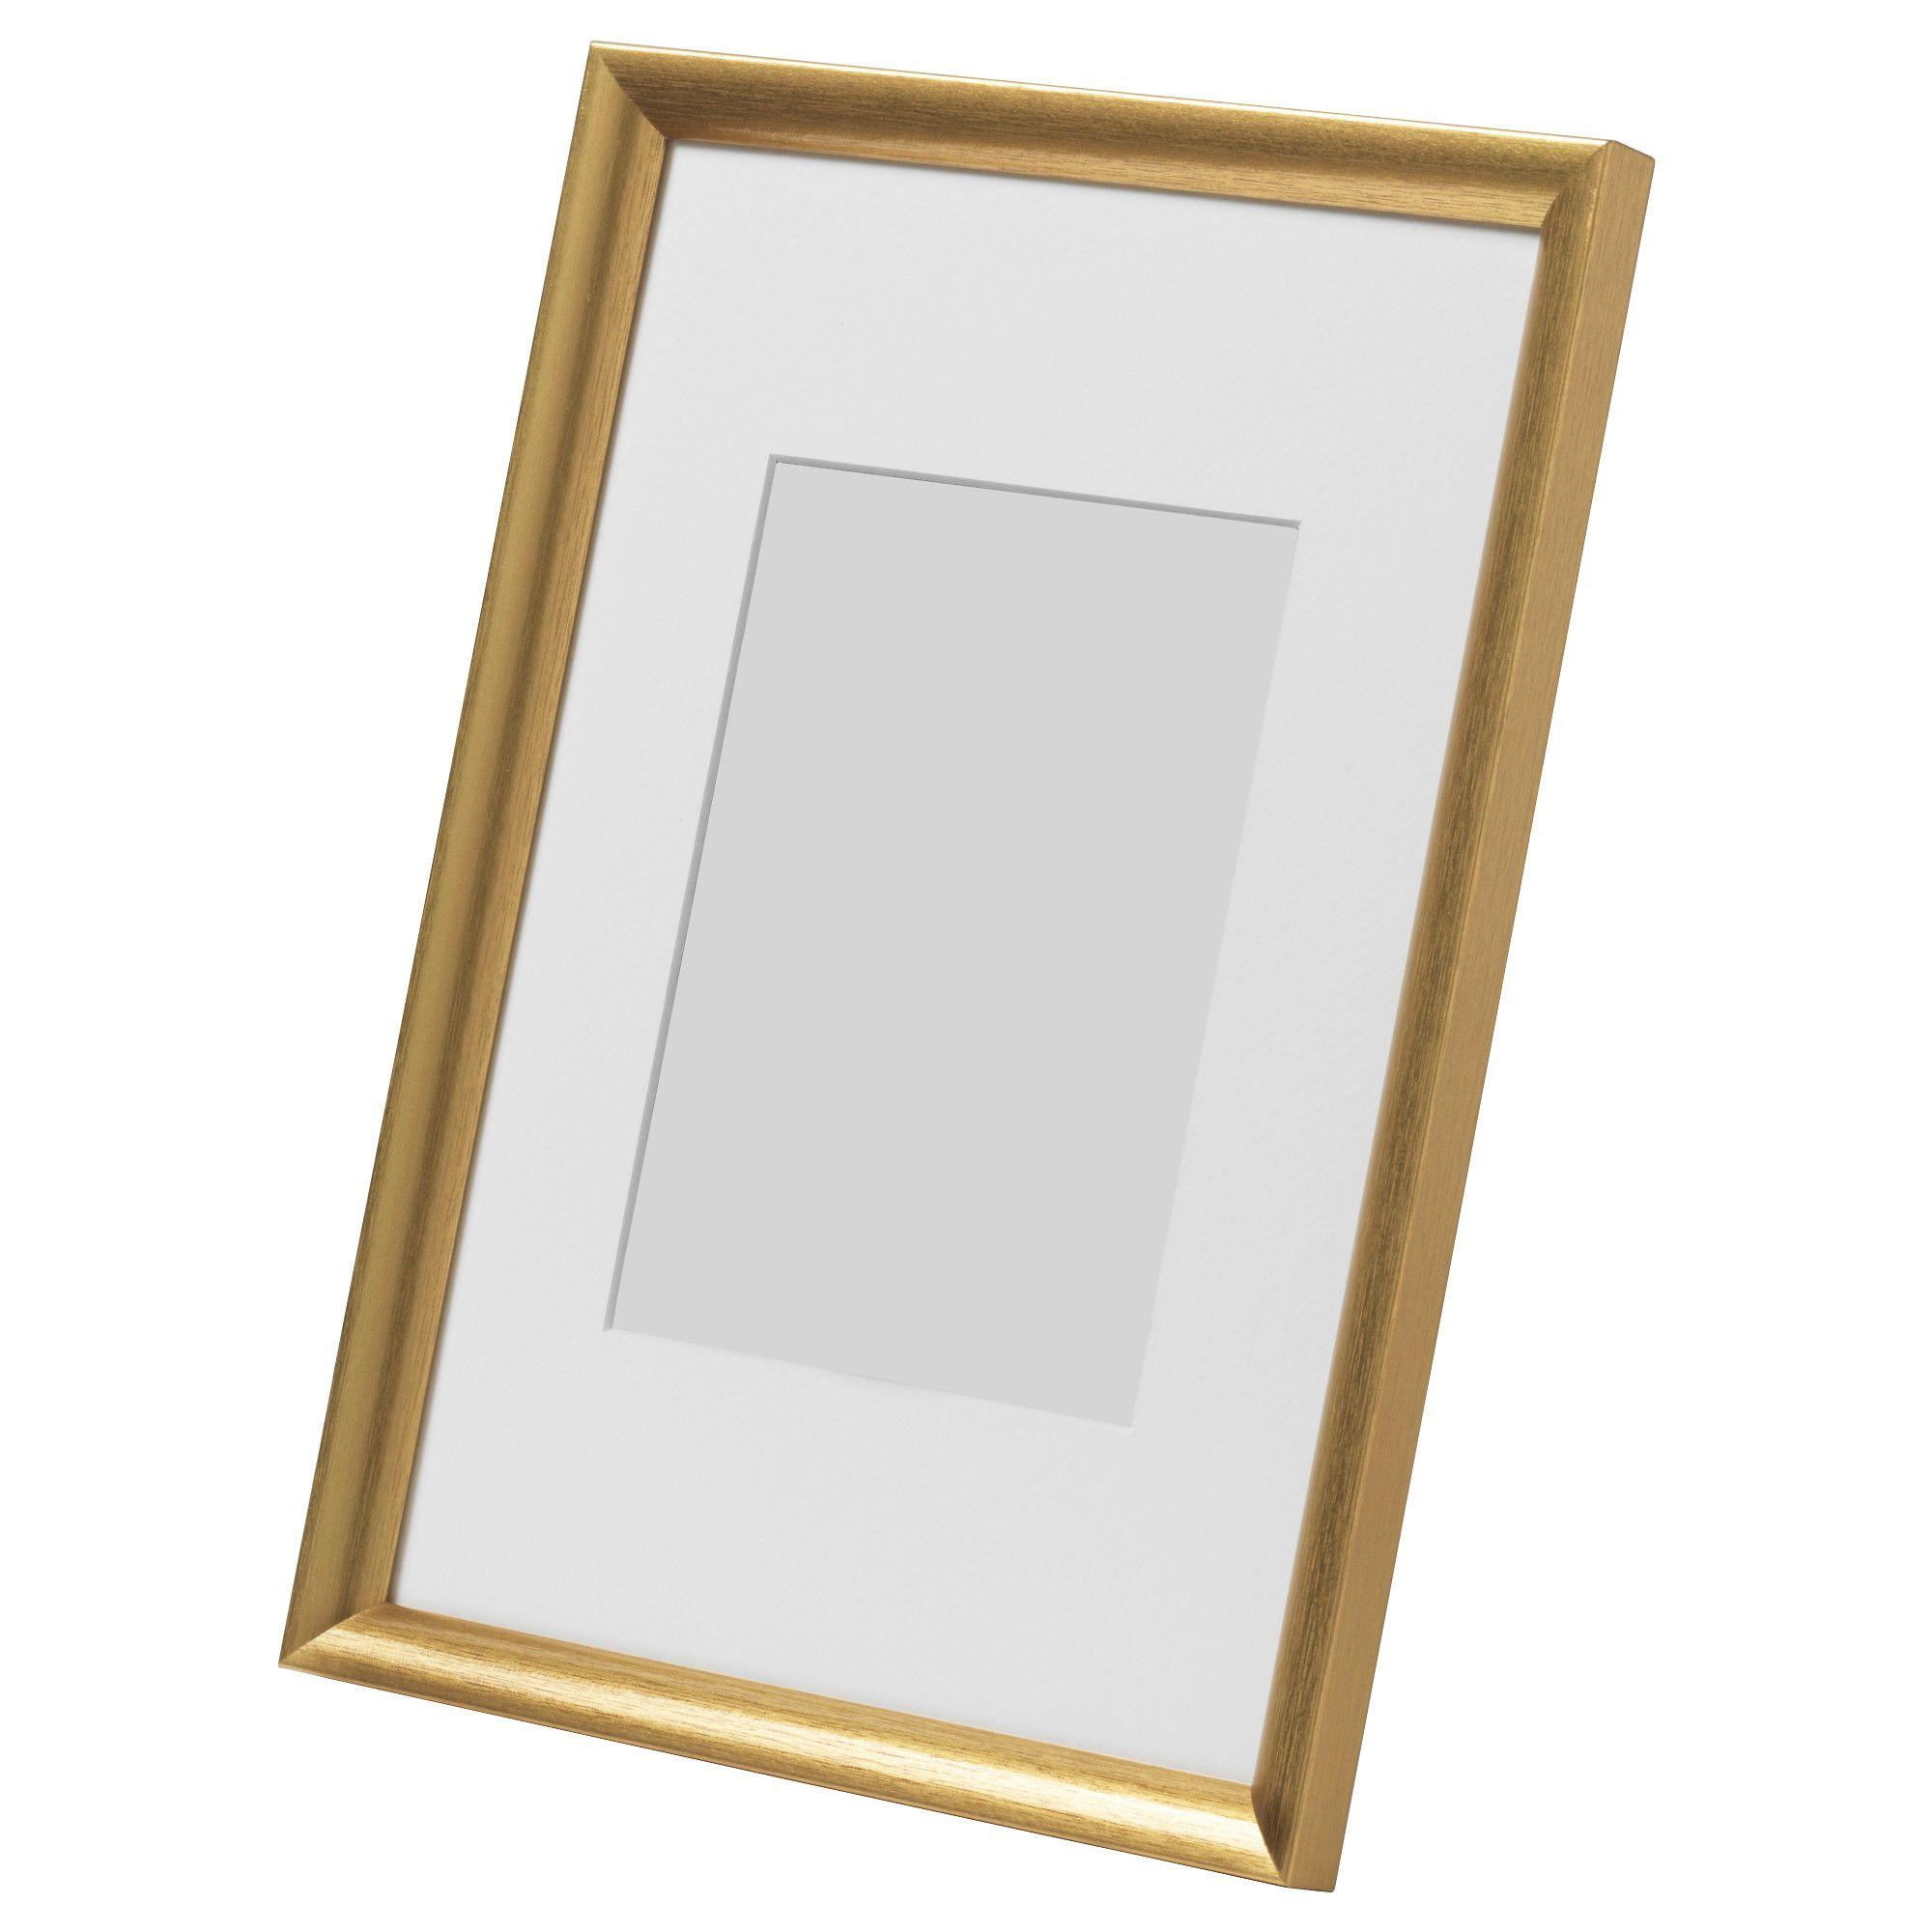 Pin von ladendirekt auf Dekoration | Pinterest | Rahmen dekoration ...